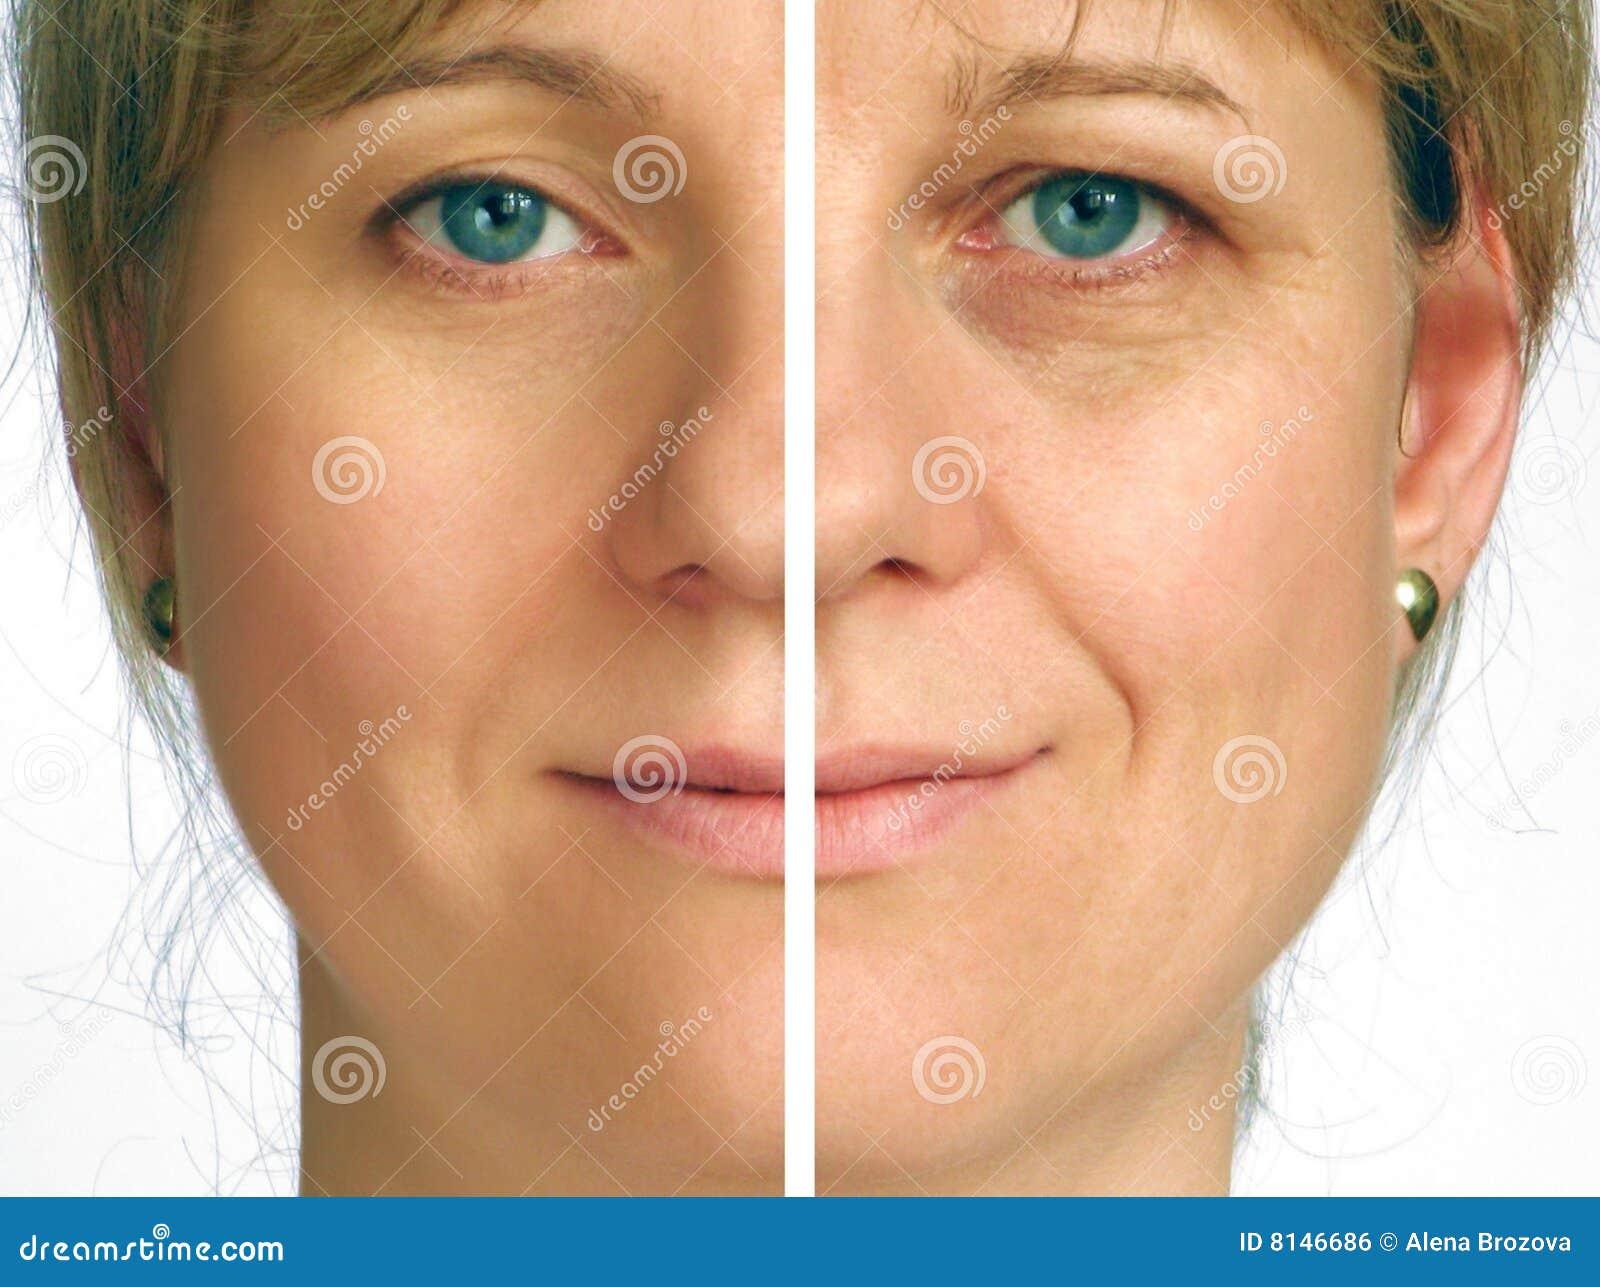 Correctie van rimpels - de helft van gezicht